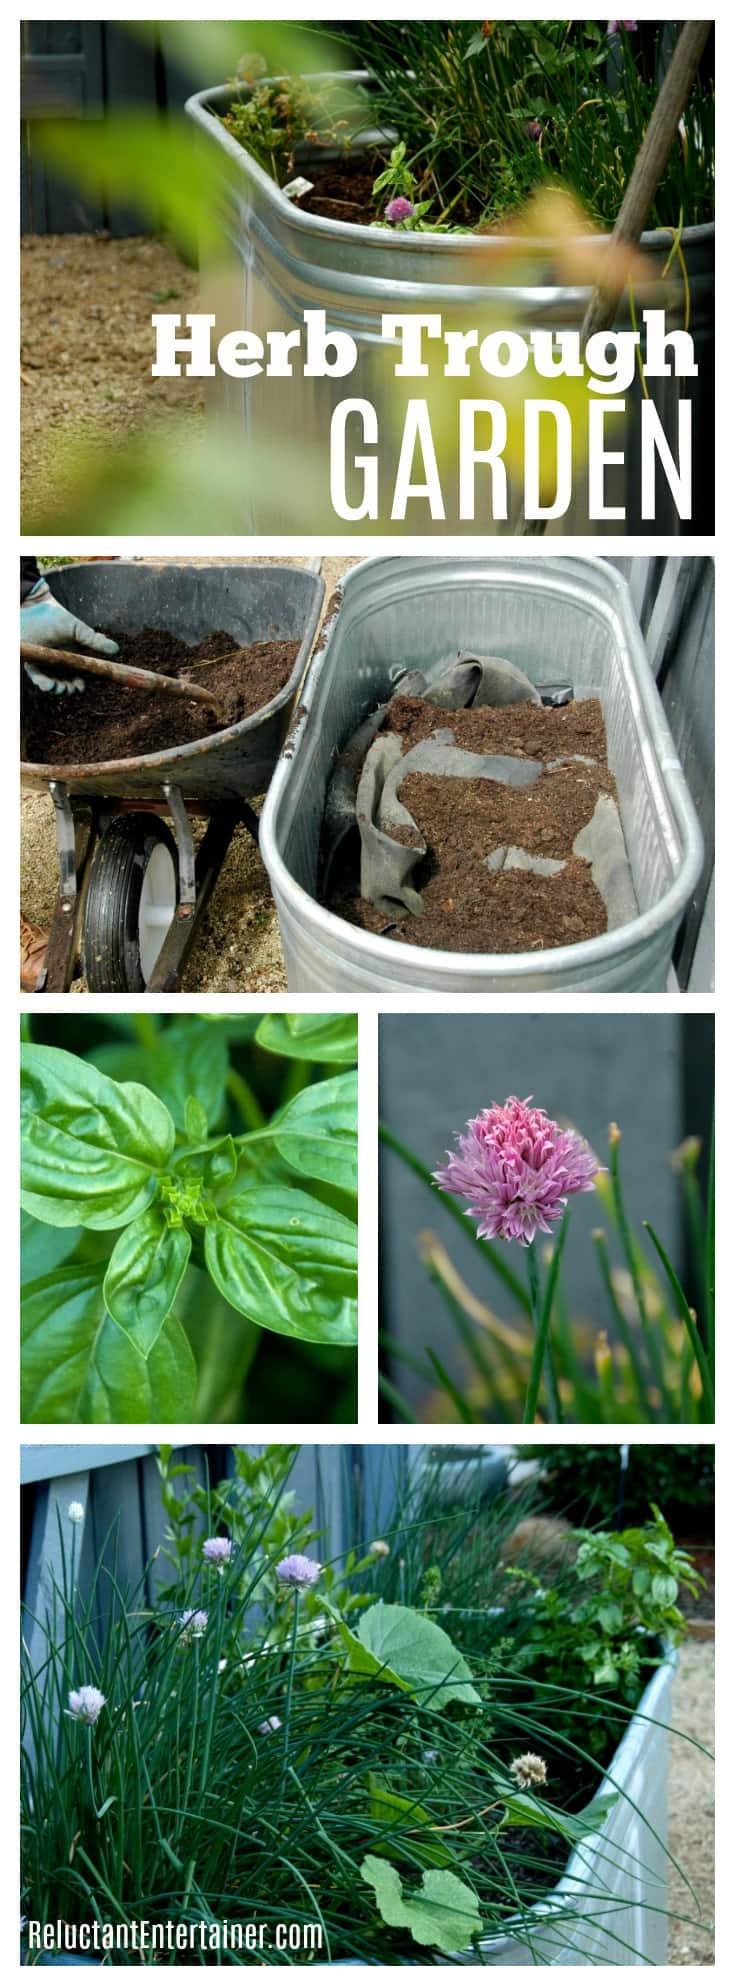 Herb Trough Garden: Easy & Accessible!